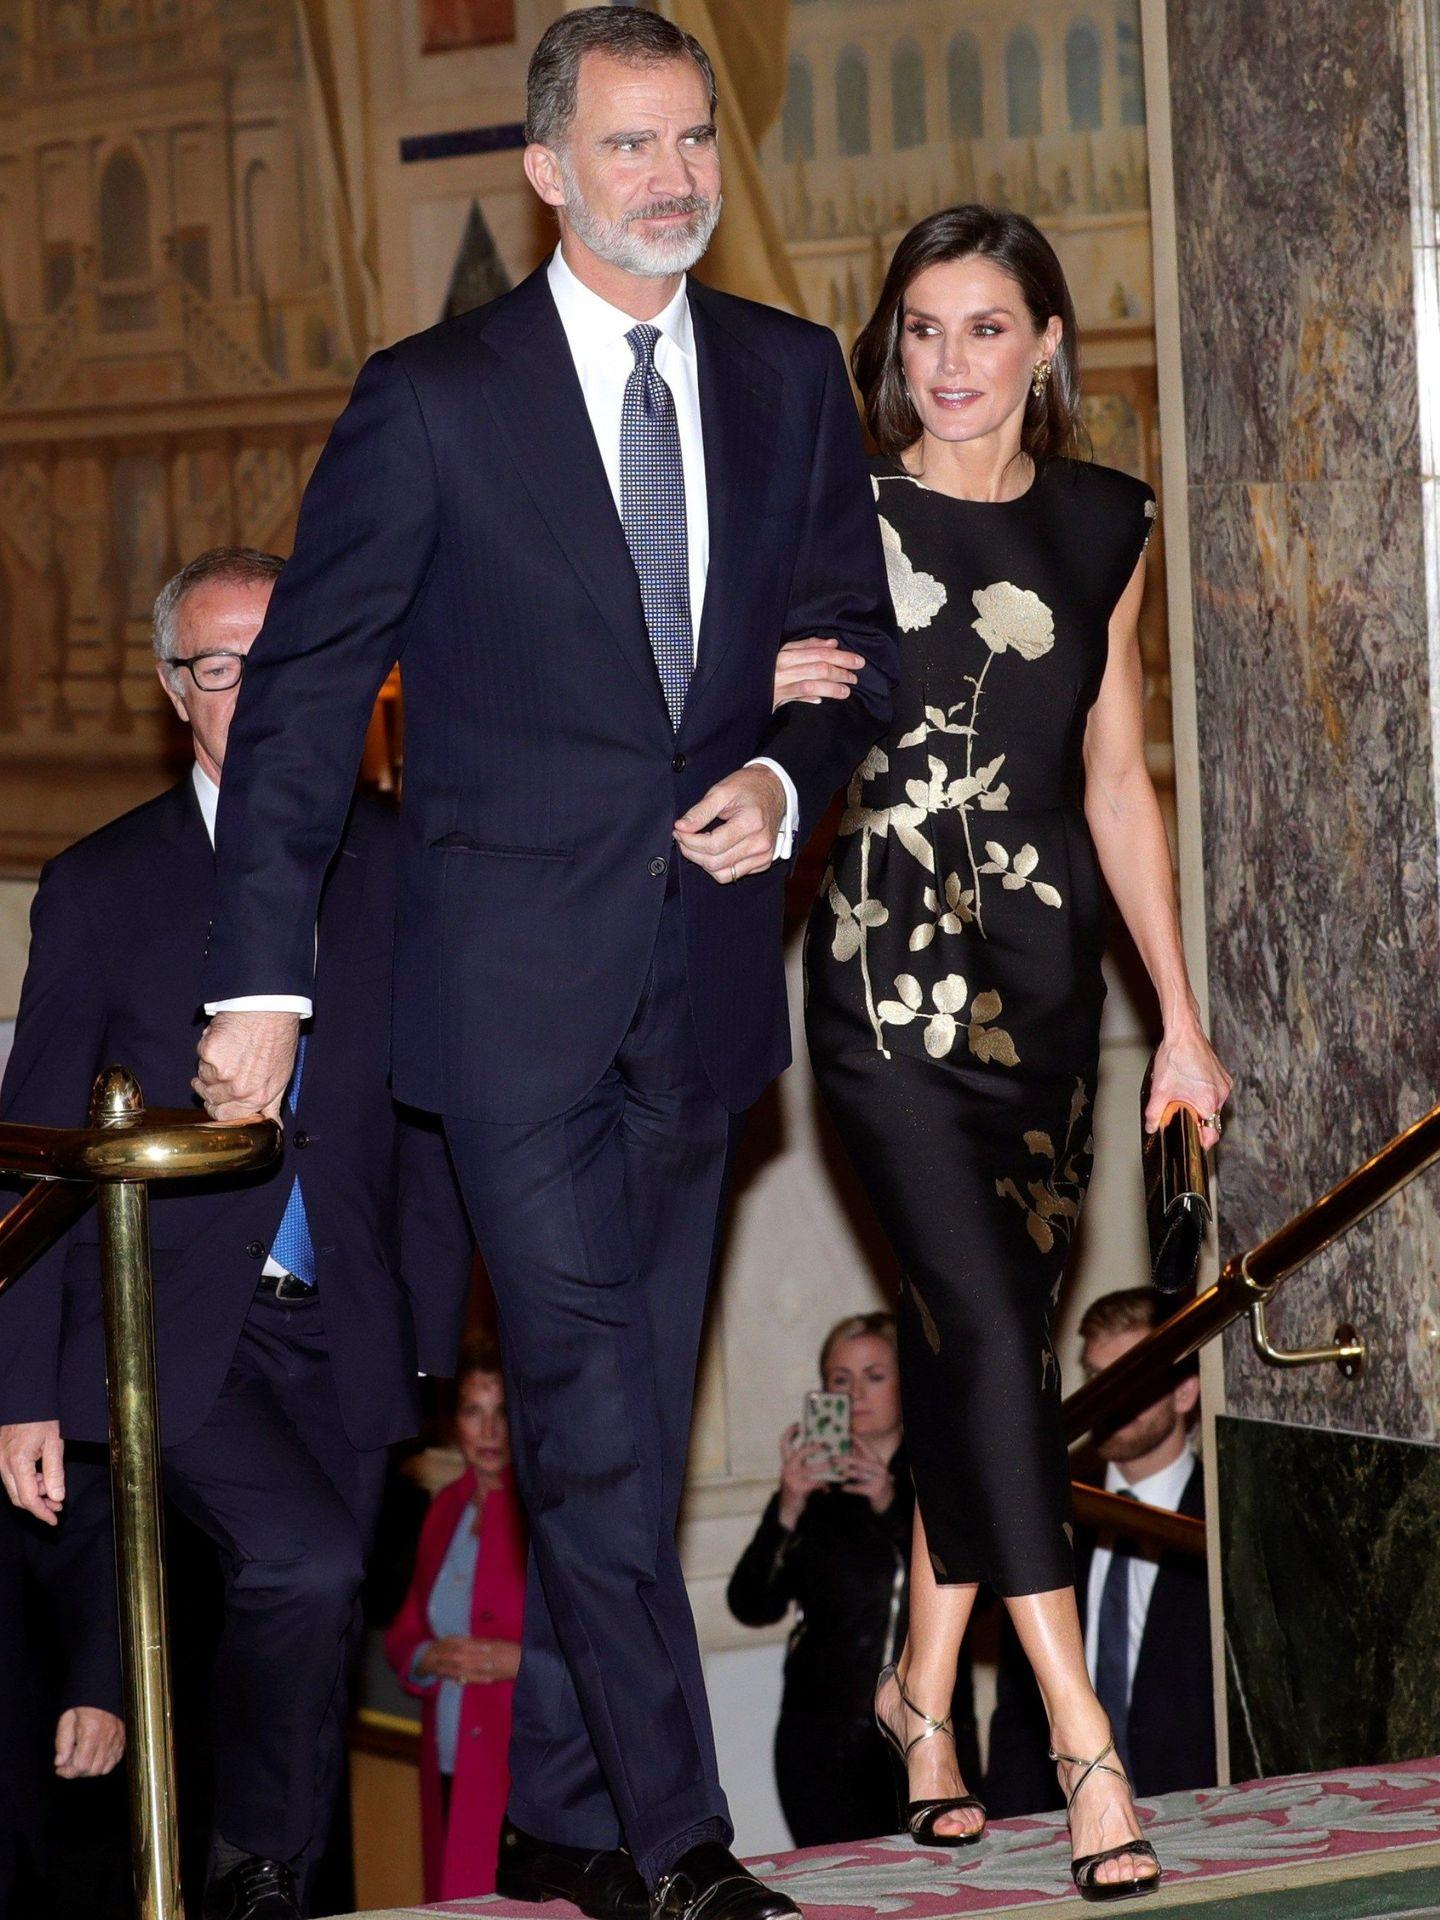 El rey Felipe VI y la reina Letizia, en la ceremonia de entrega del XXXVI Premio de Periodismo 'Francisco Cerecedo'. (EFE)